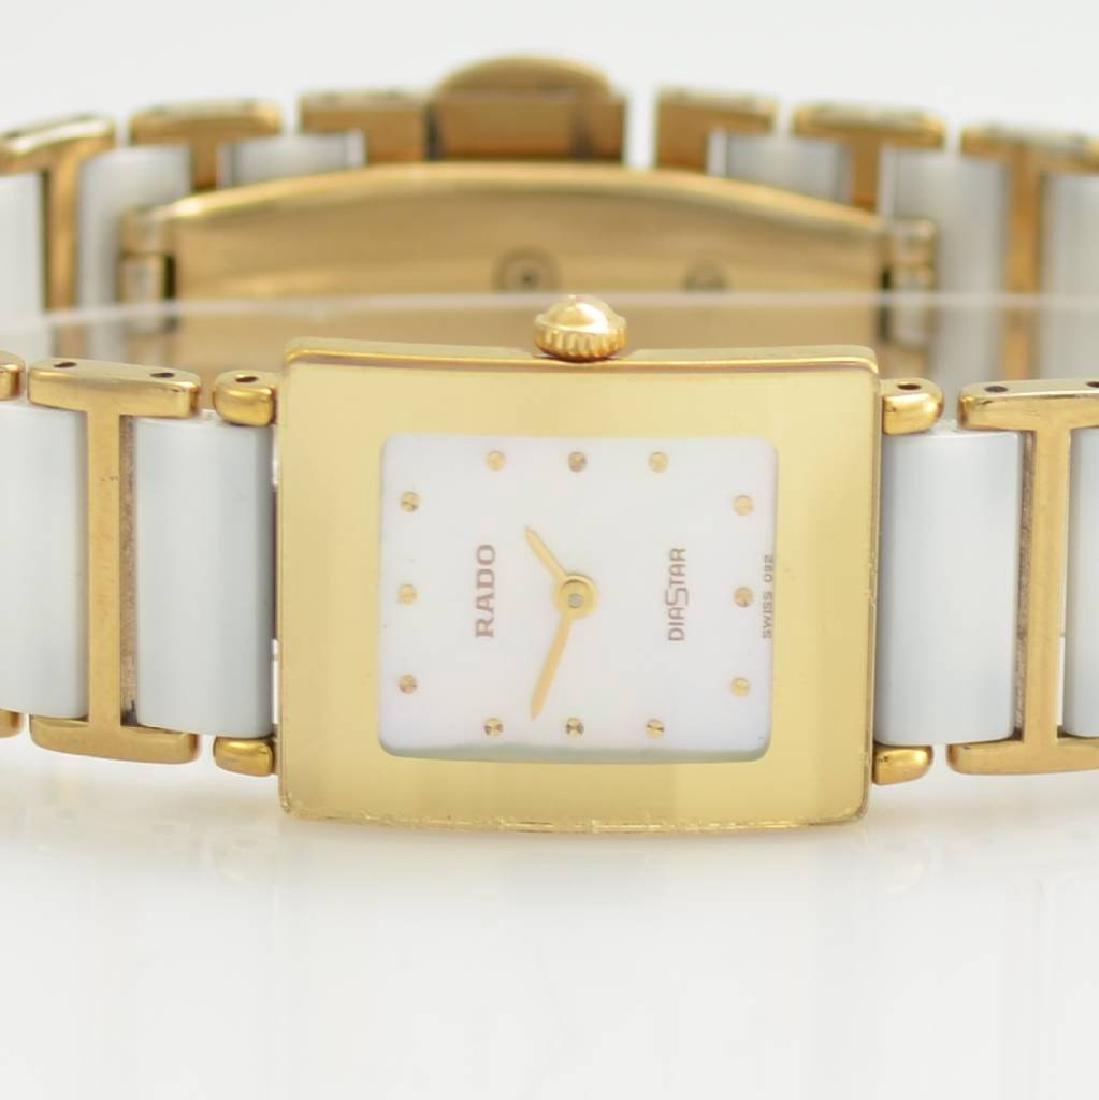 RADO Diastar ladies wristwatch, Switzerland around 1994 - 2